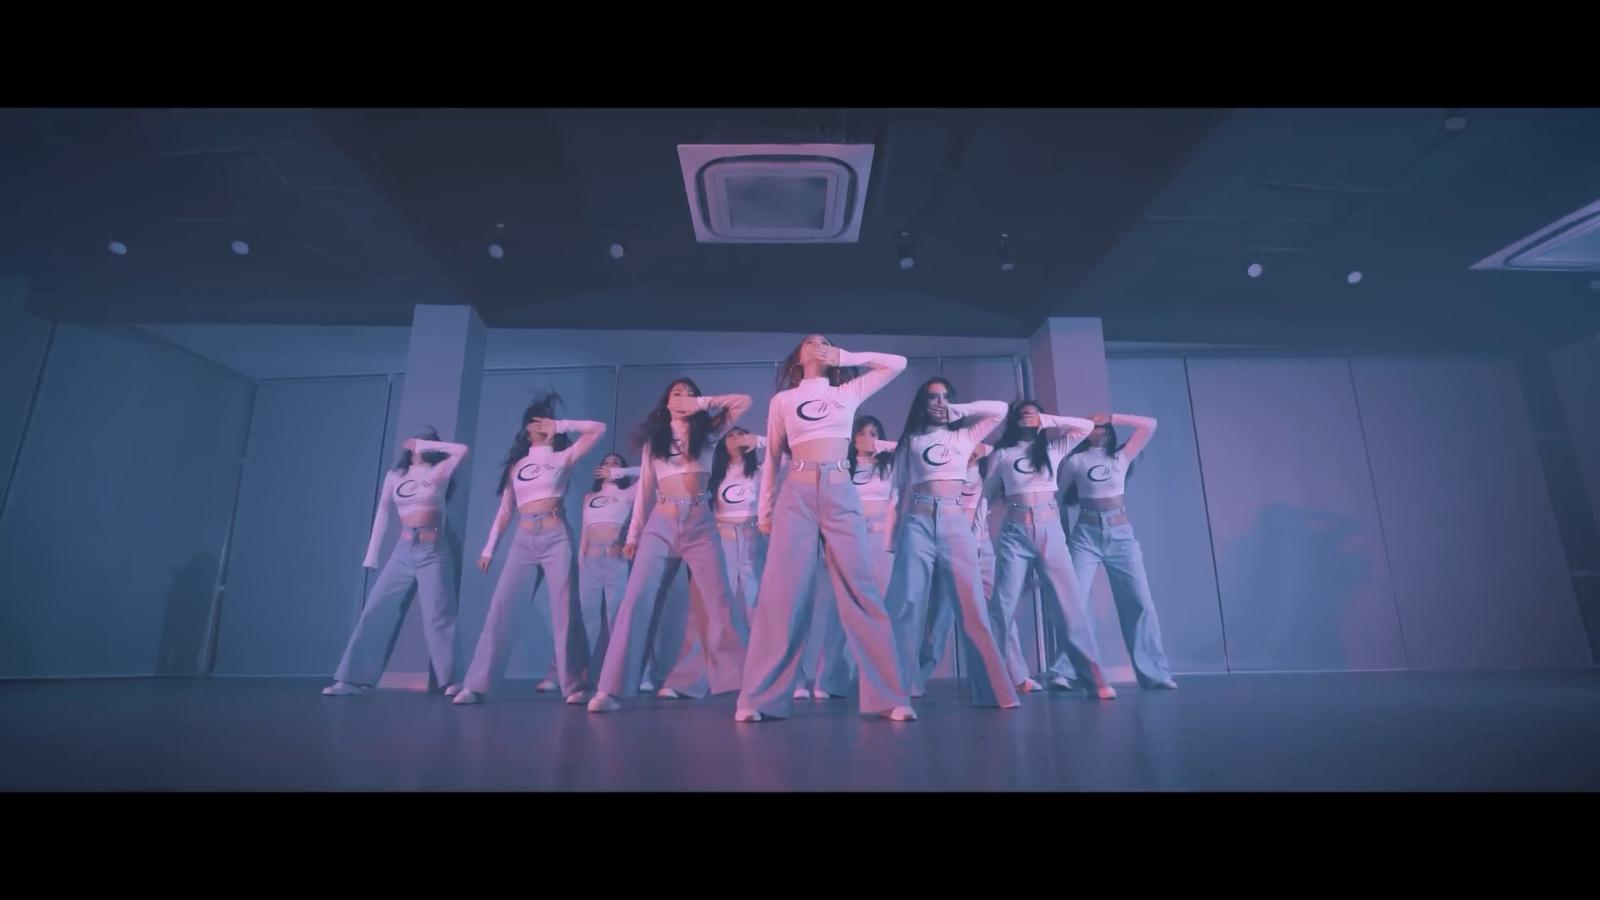 Minh Hằng - 'Cỗ máy nhảy' của Vpop